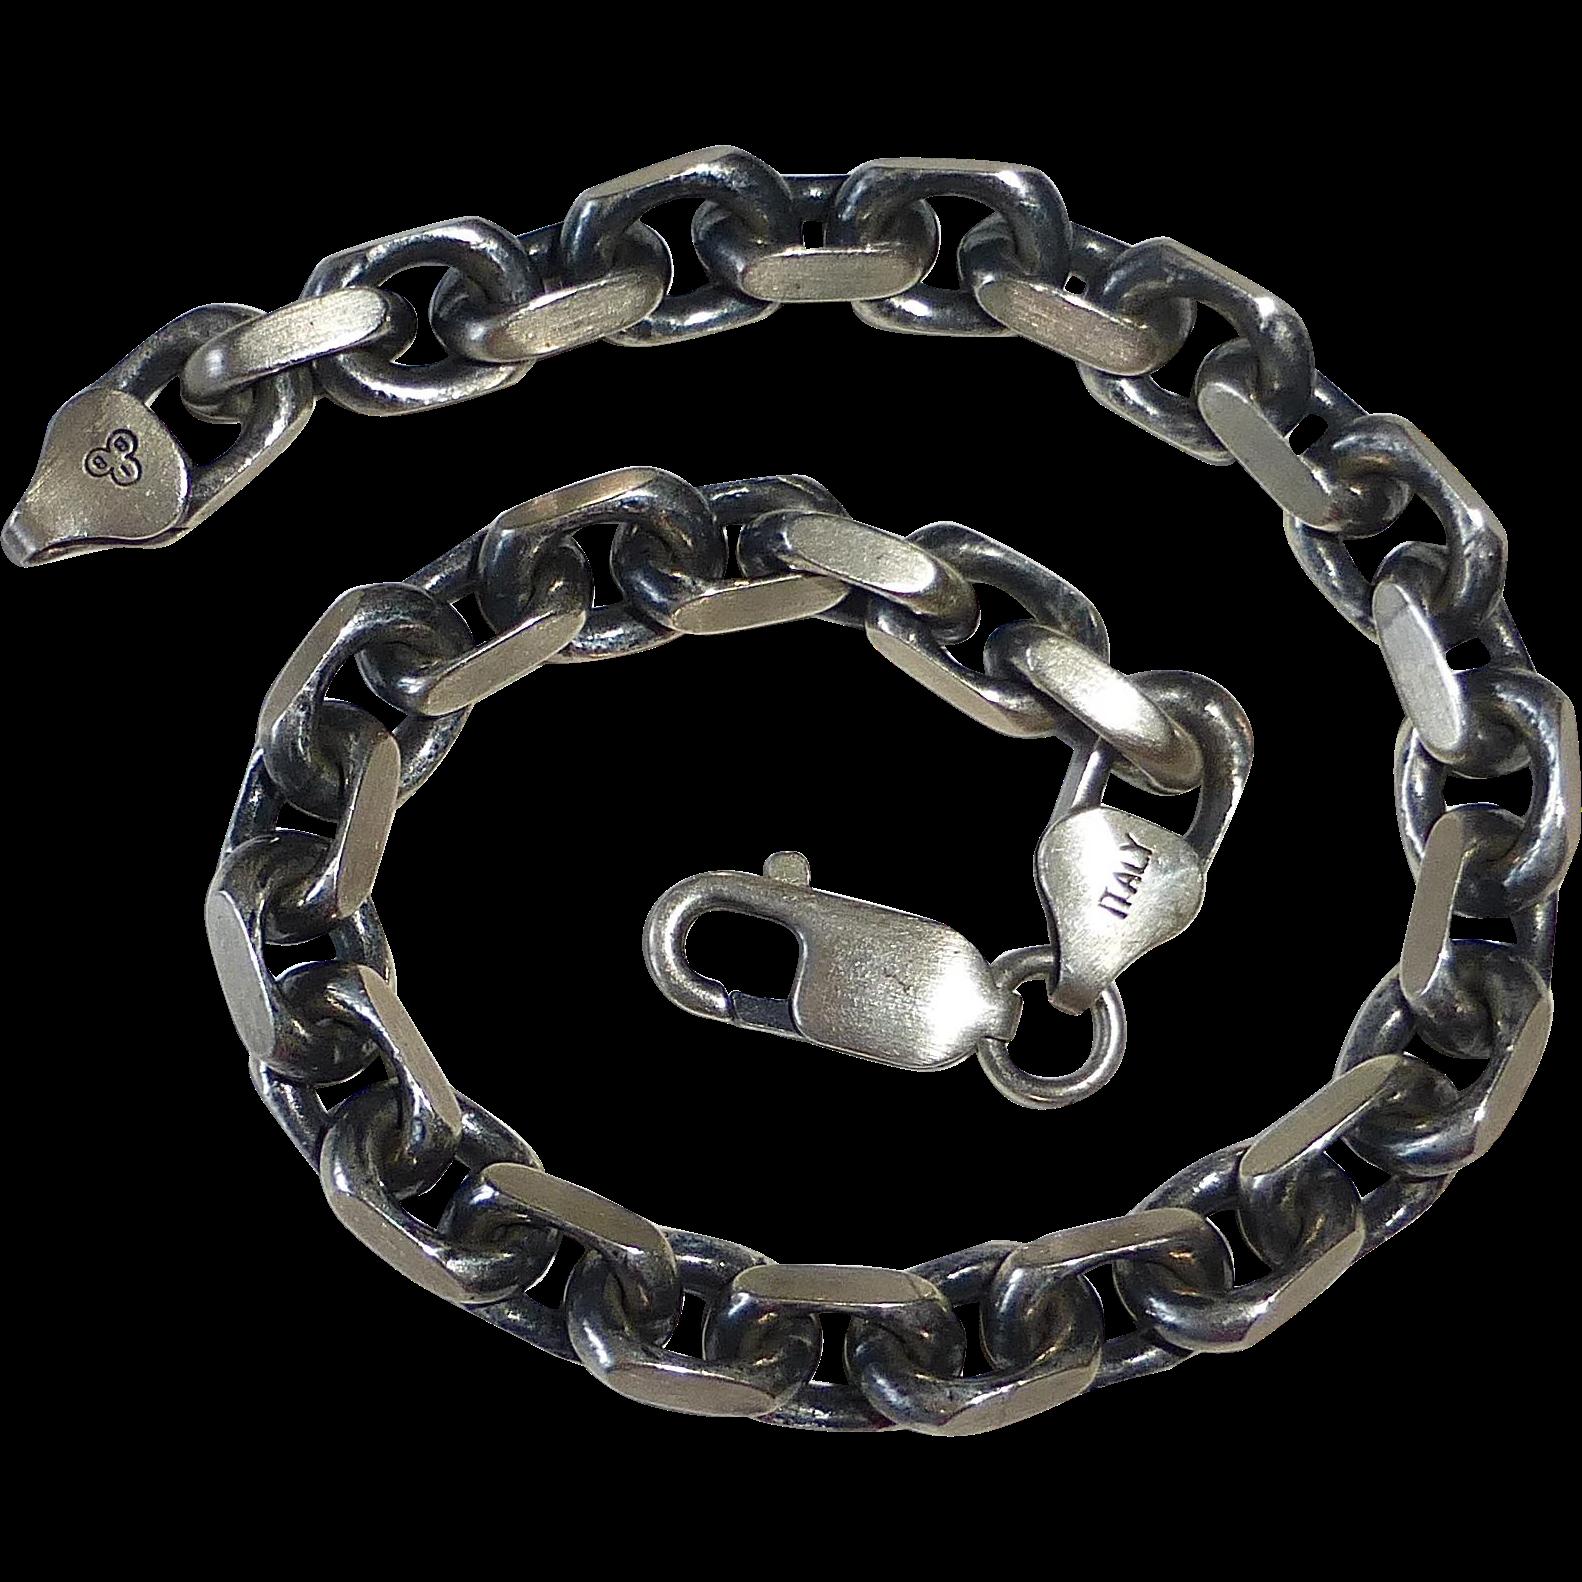 Sterling Heavy Link Italian Chain Bracelet